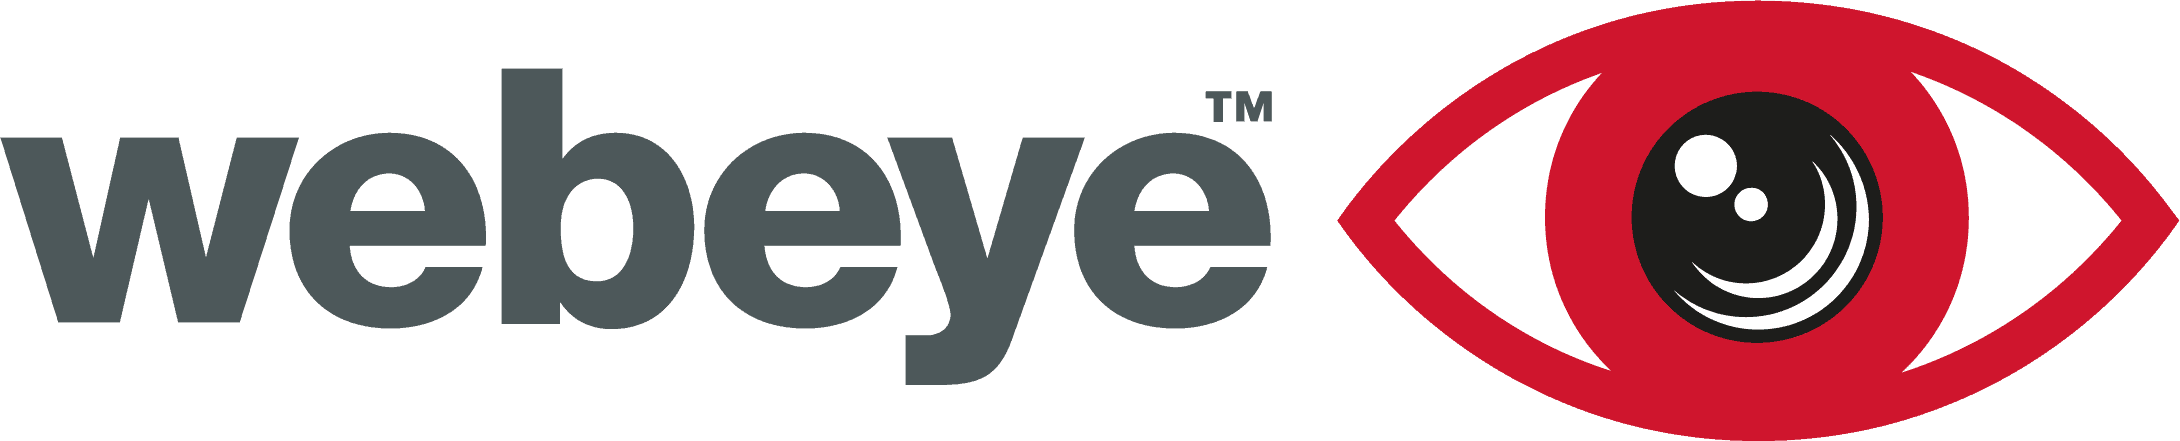 webeye logo